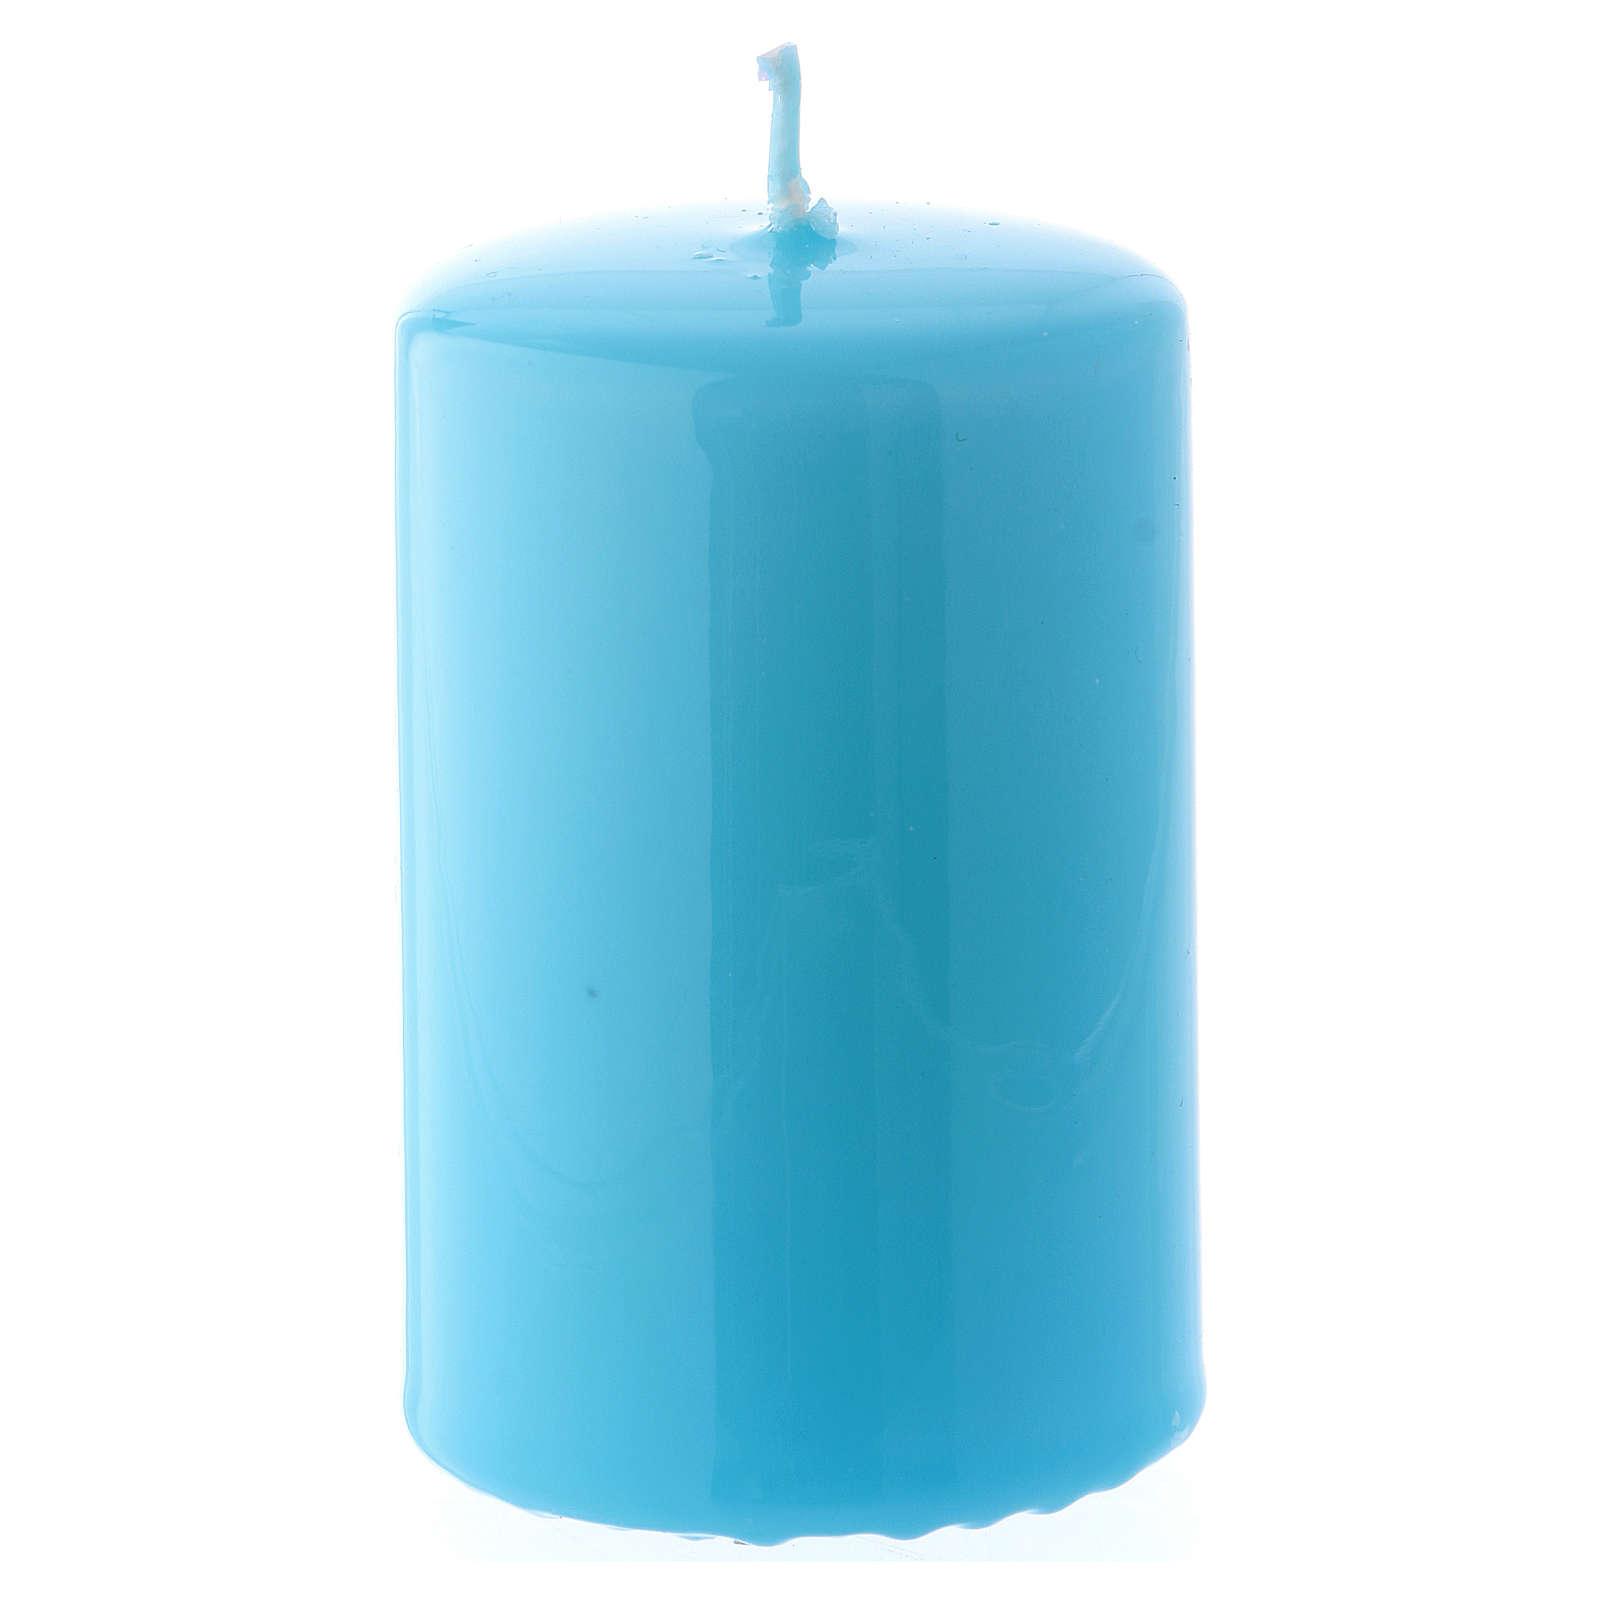 Bougie Brillante Ceralacca 5x8 cm bleu clair 3